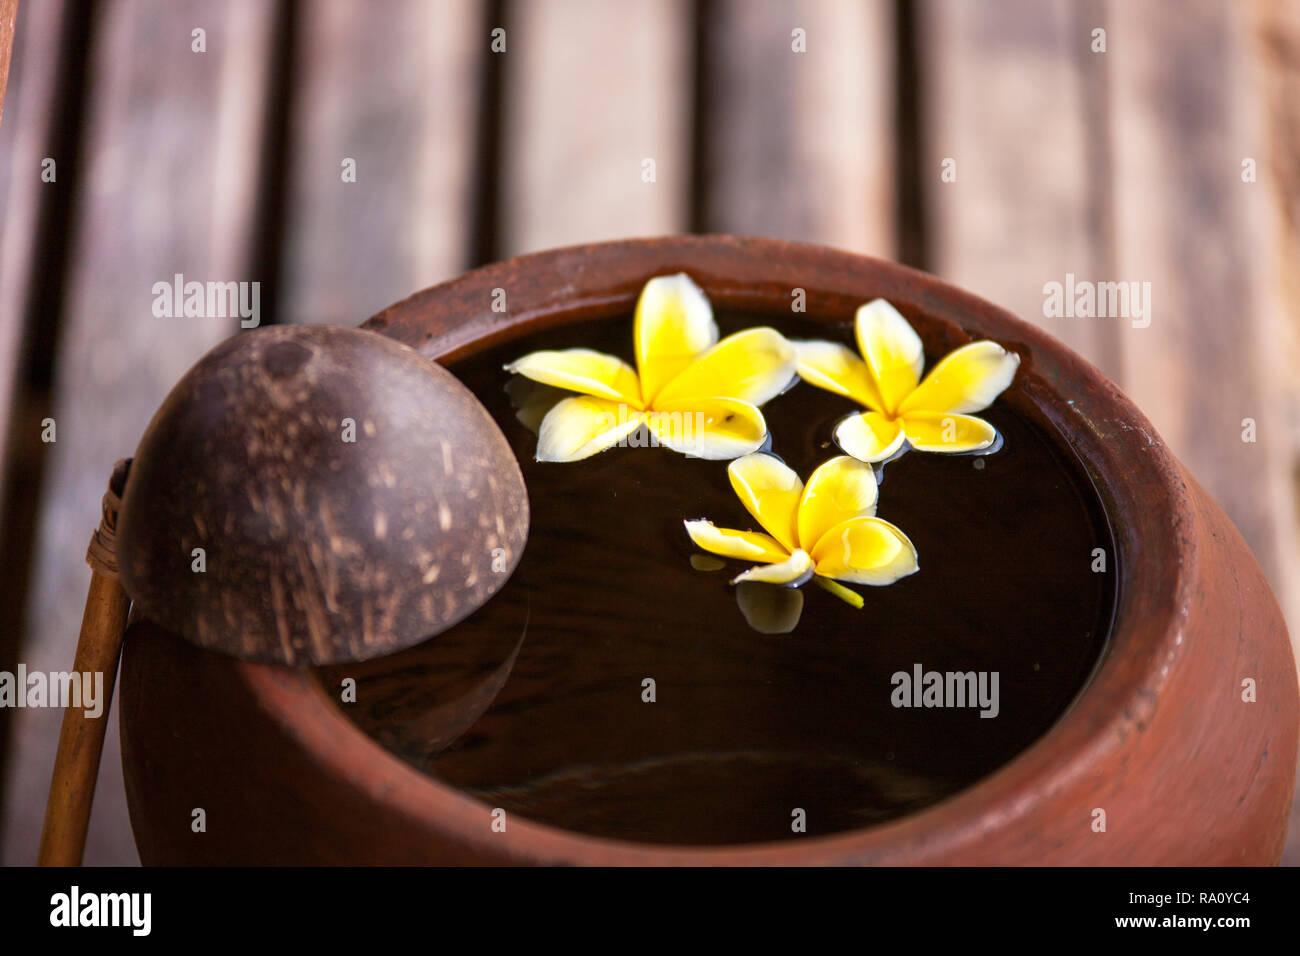 Toucher la nature  Pot en argile paisible et relaxant à la